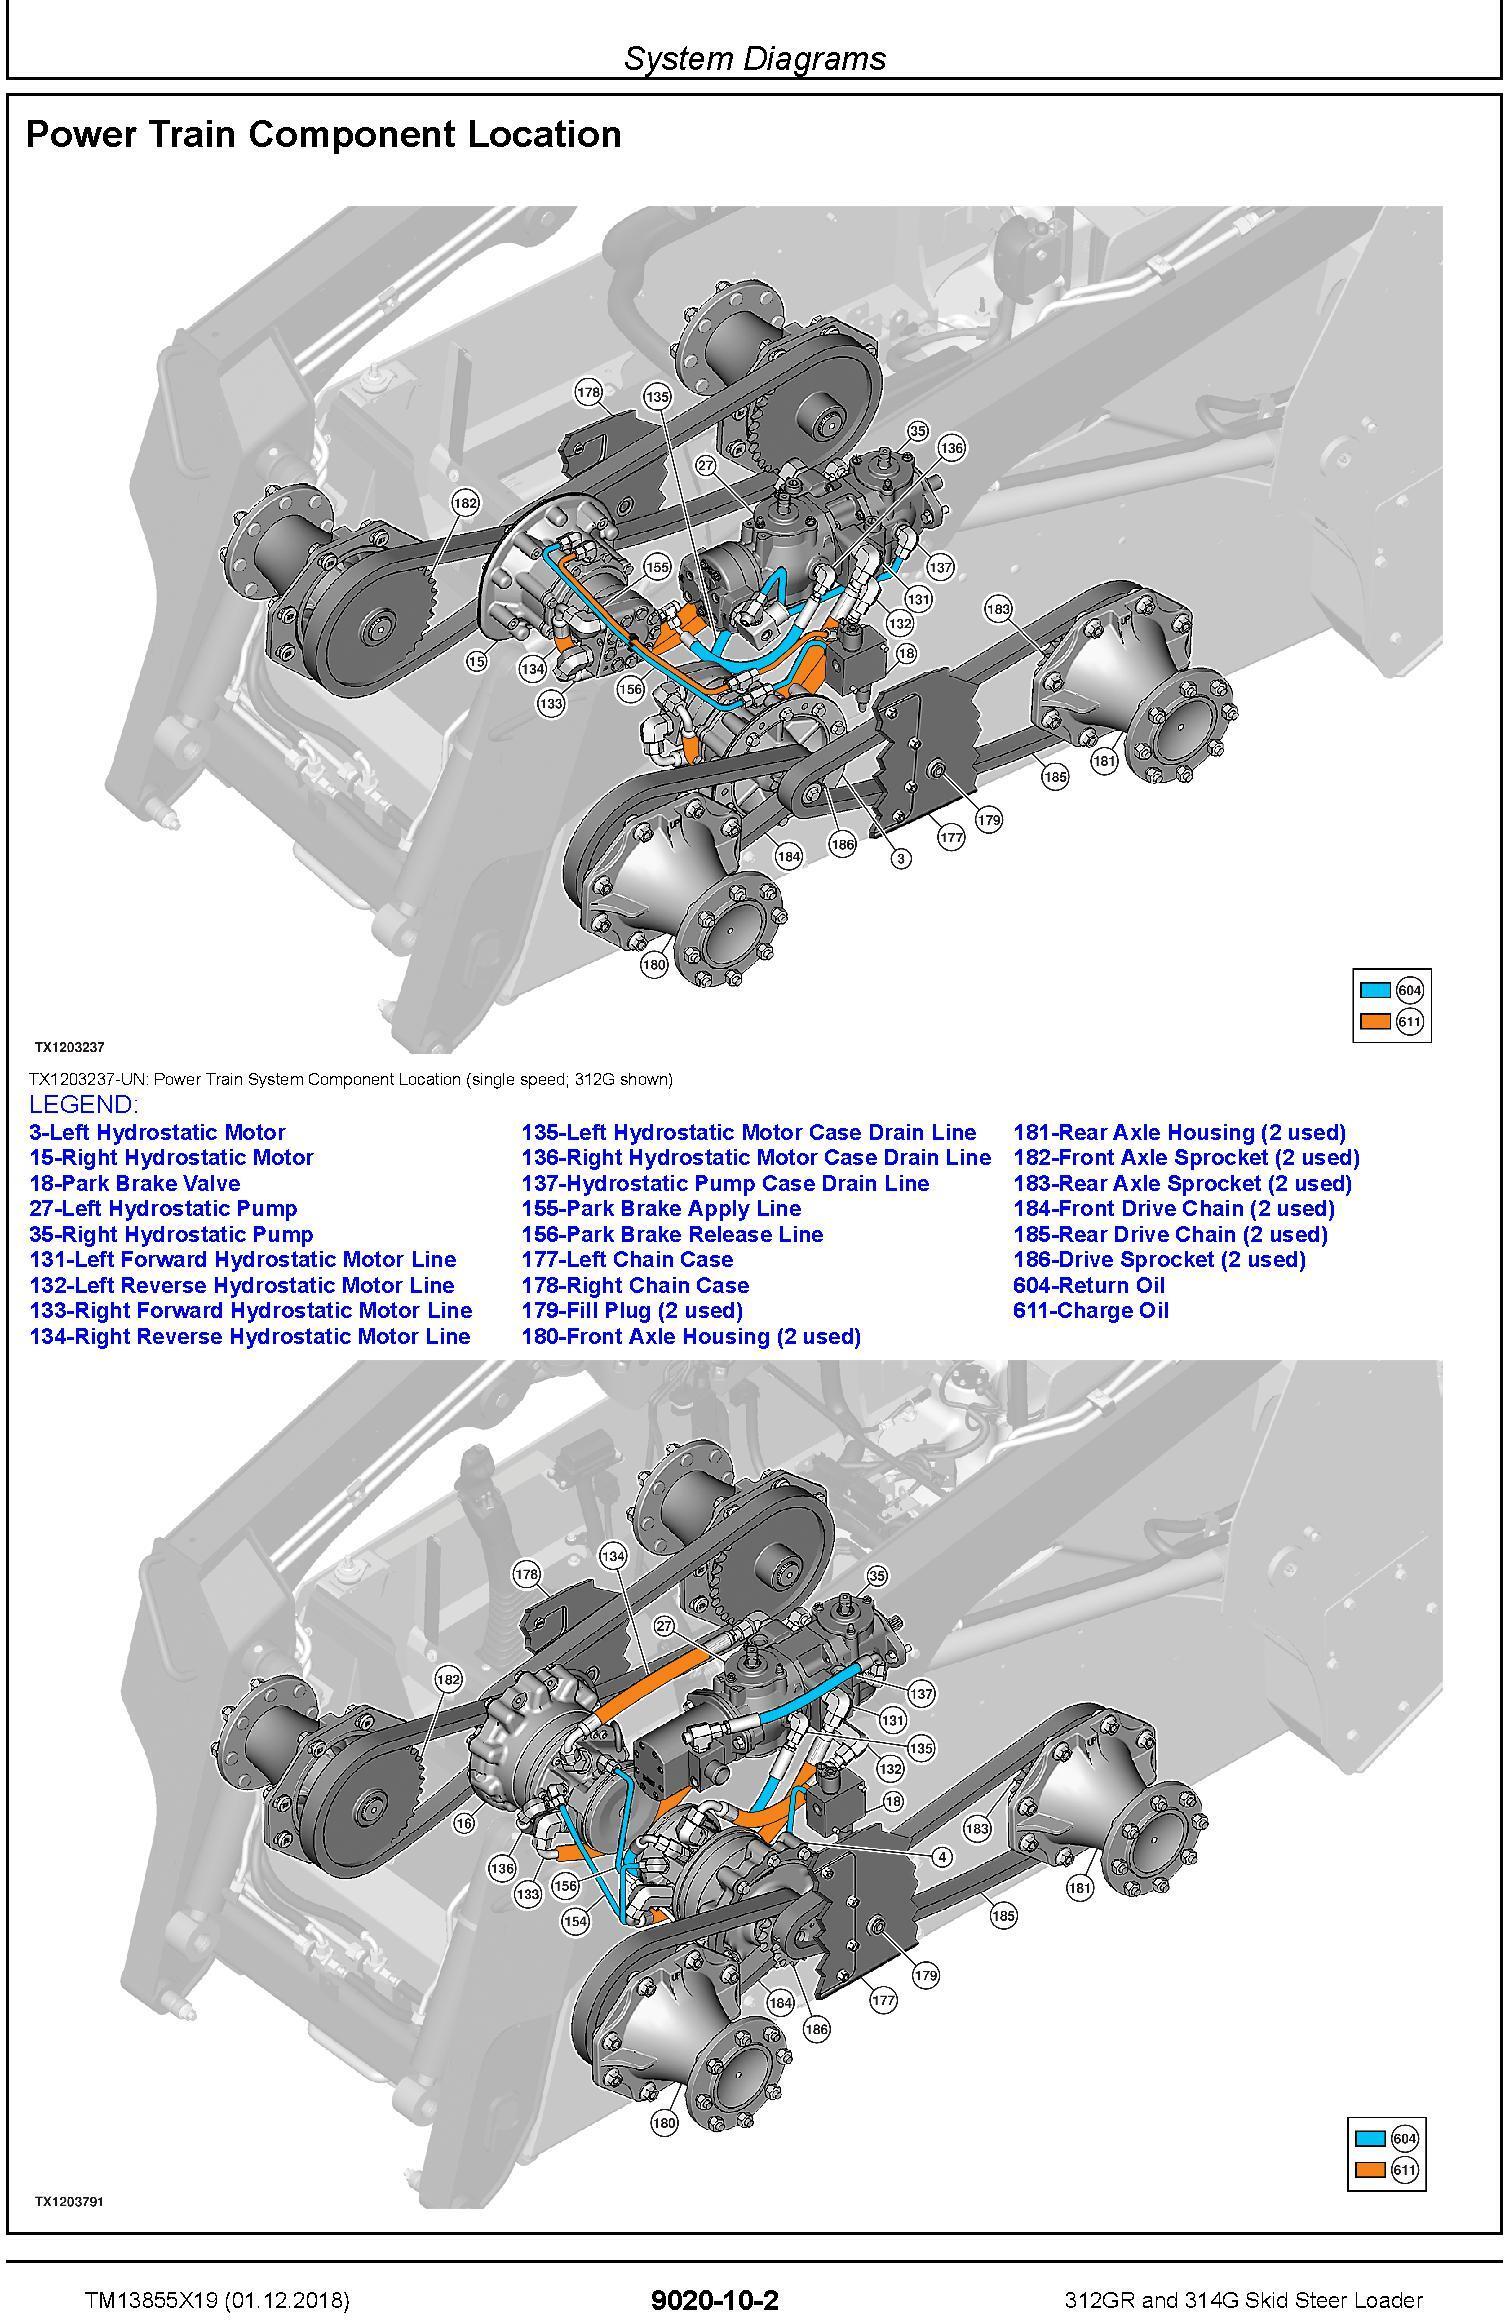 John Deere 312GR and 314G Skid Steer Loader Operation & Test Technical Service Manual (TM13855X19) - 1